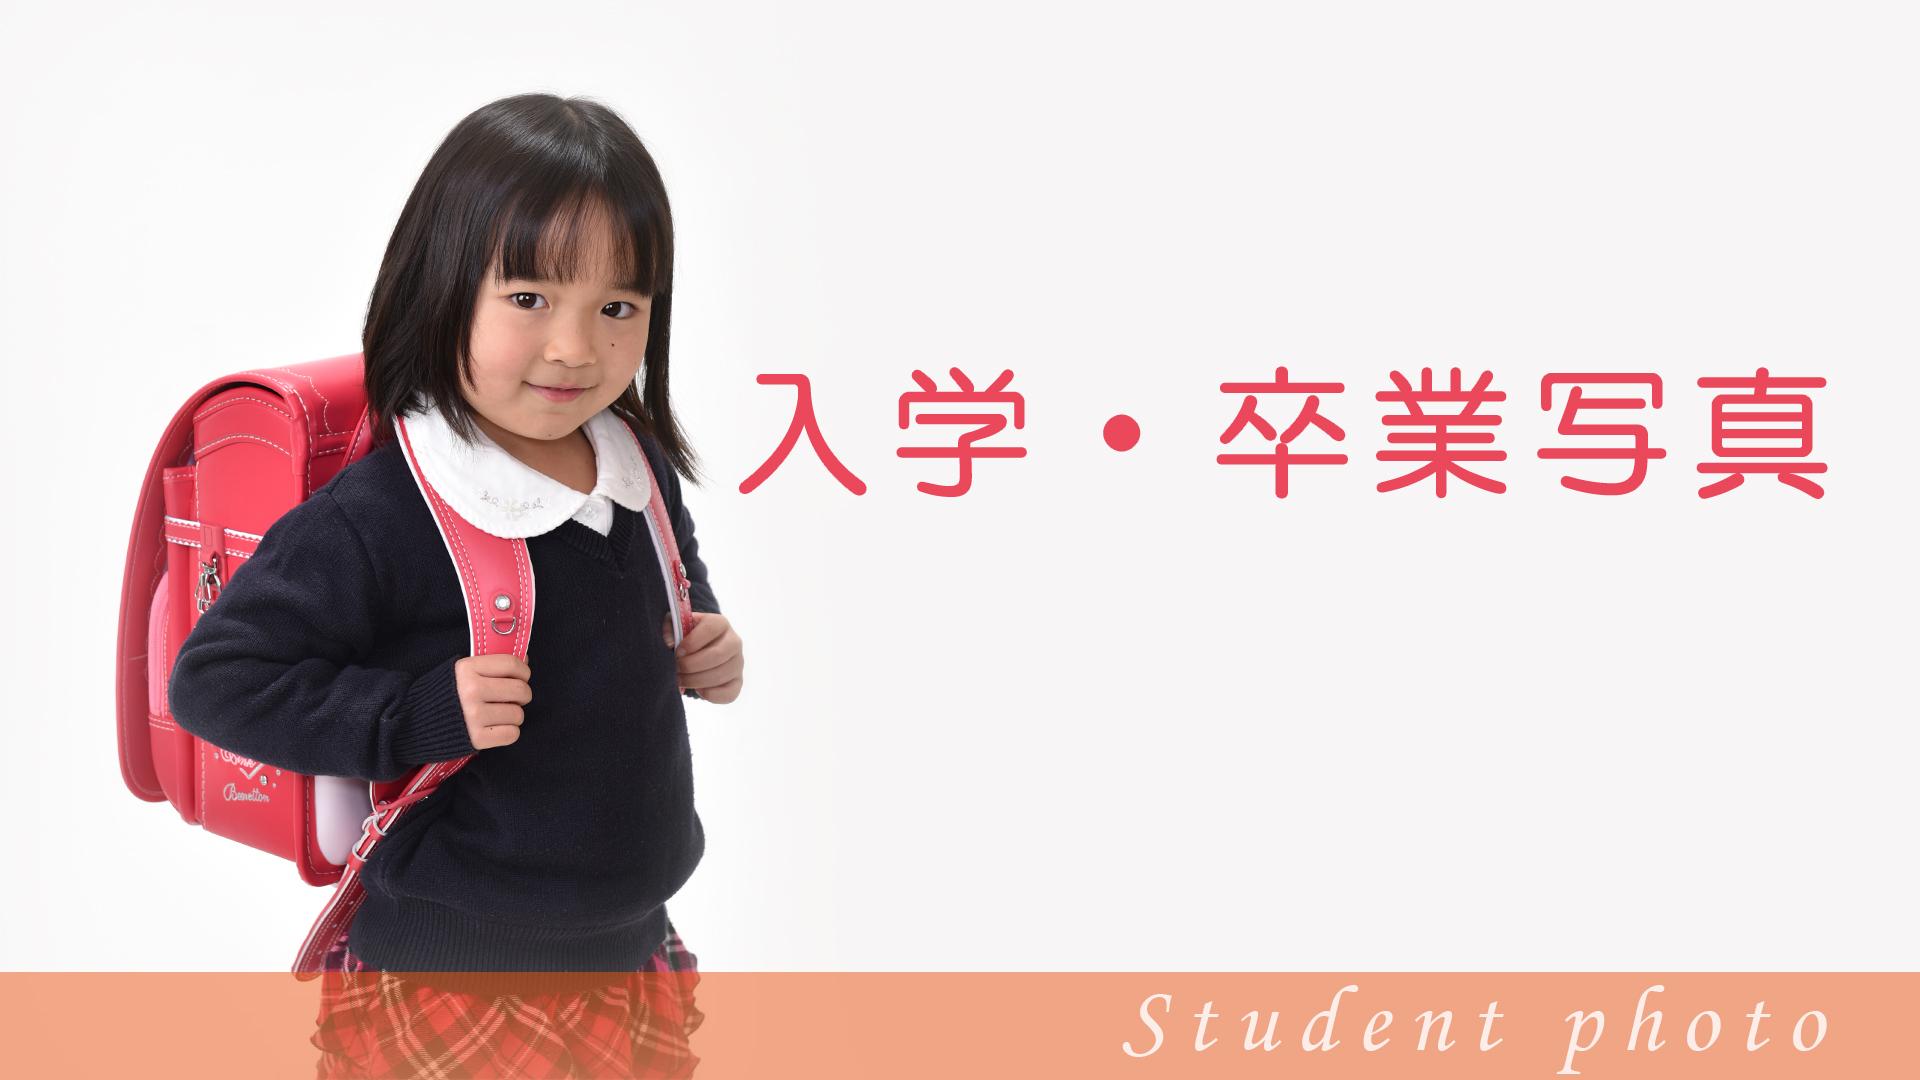 神戸市垂水区の入学写真・卒業写真はスタジオポートレーにおまかせください。